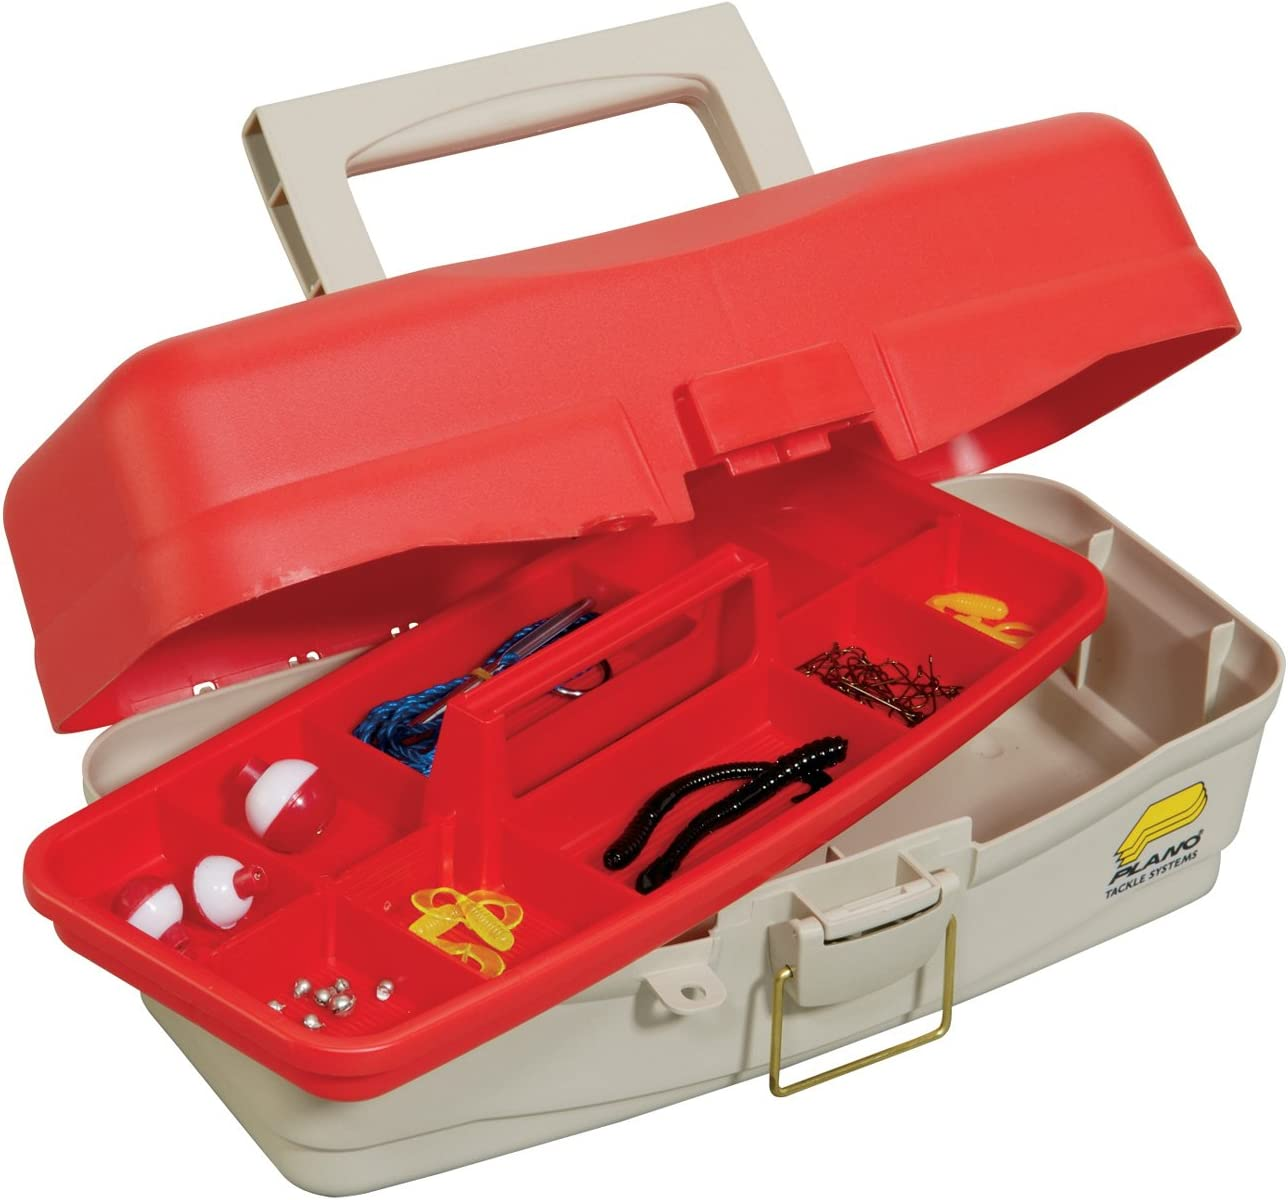 Plano Youth Tackle Box Take Me Fishing-Caja para Aparejos de Pesca, Unisex Adulto, Rojo y Beige: Amazon.es: Deportes y aire libre